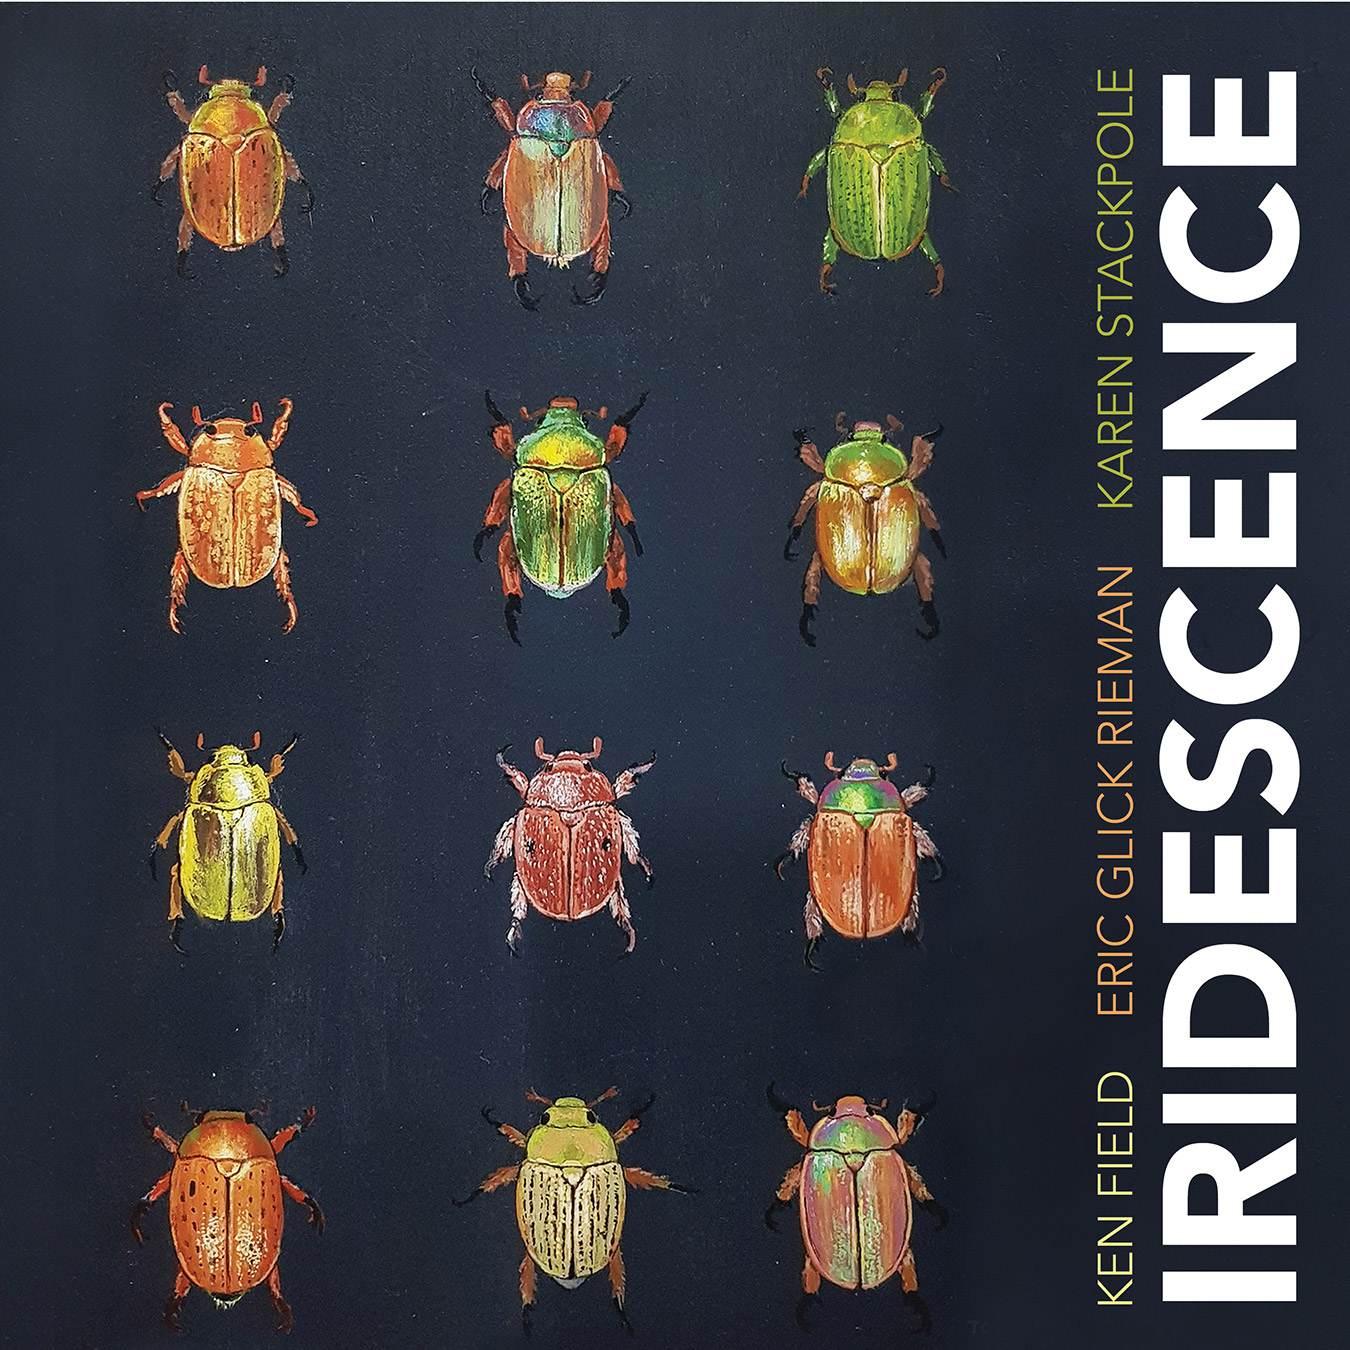 Iridescence-album-cover